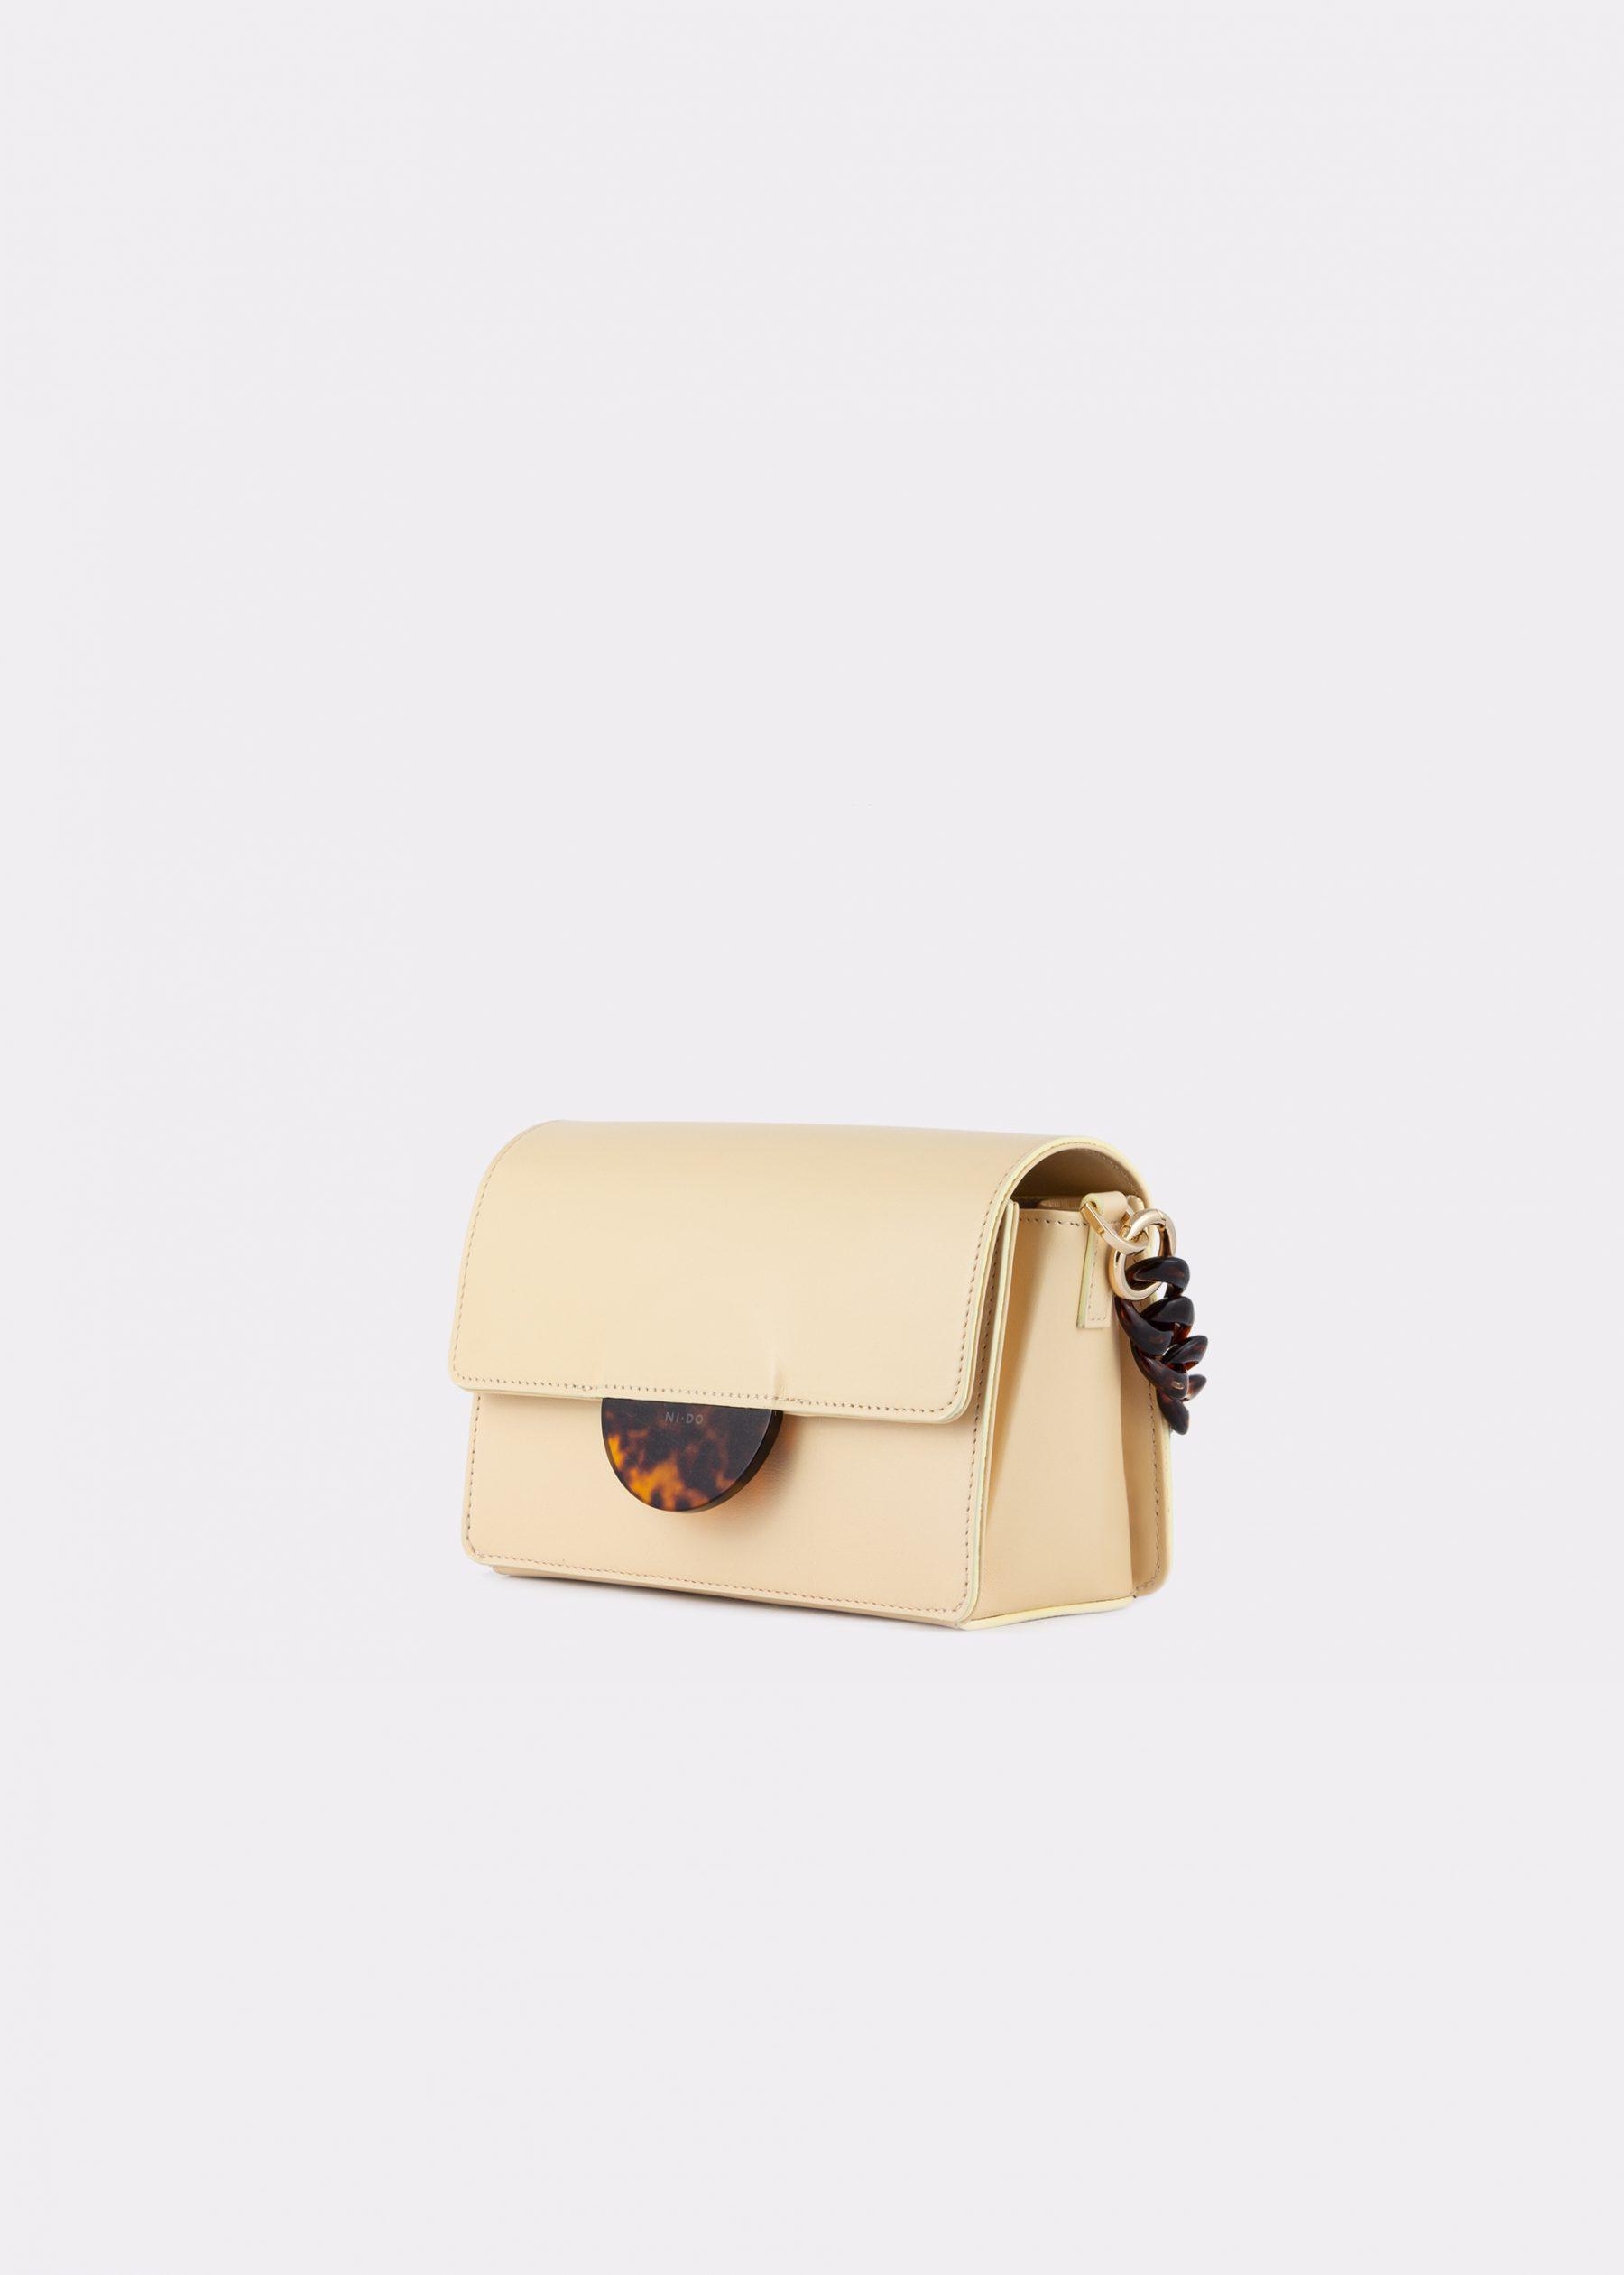 NIDO Cuore Mini bag Vanilla side view